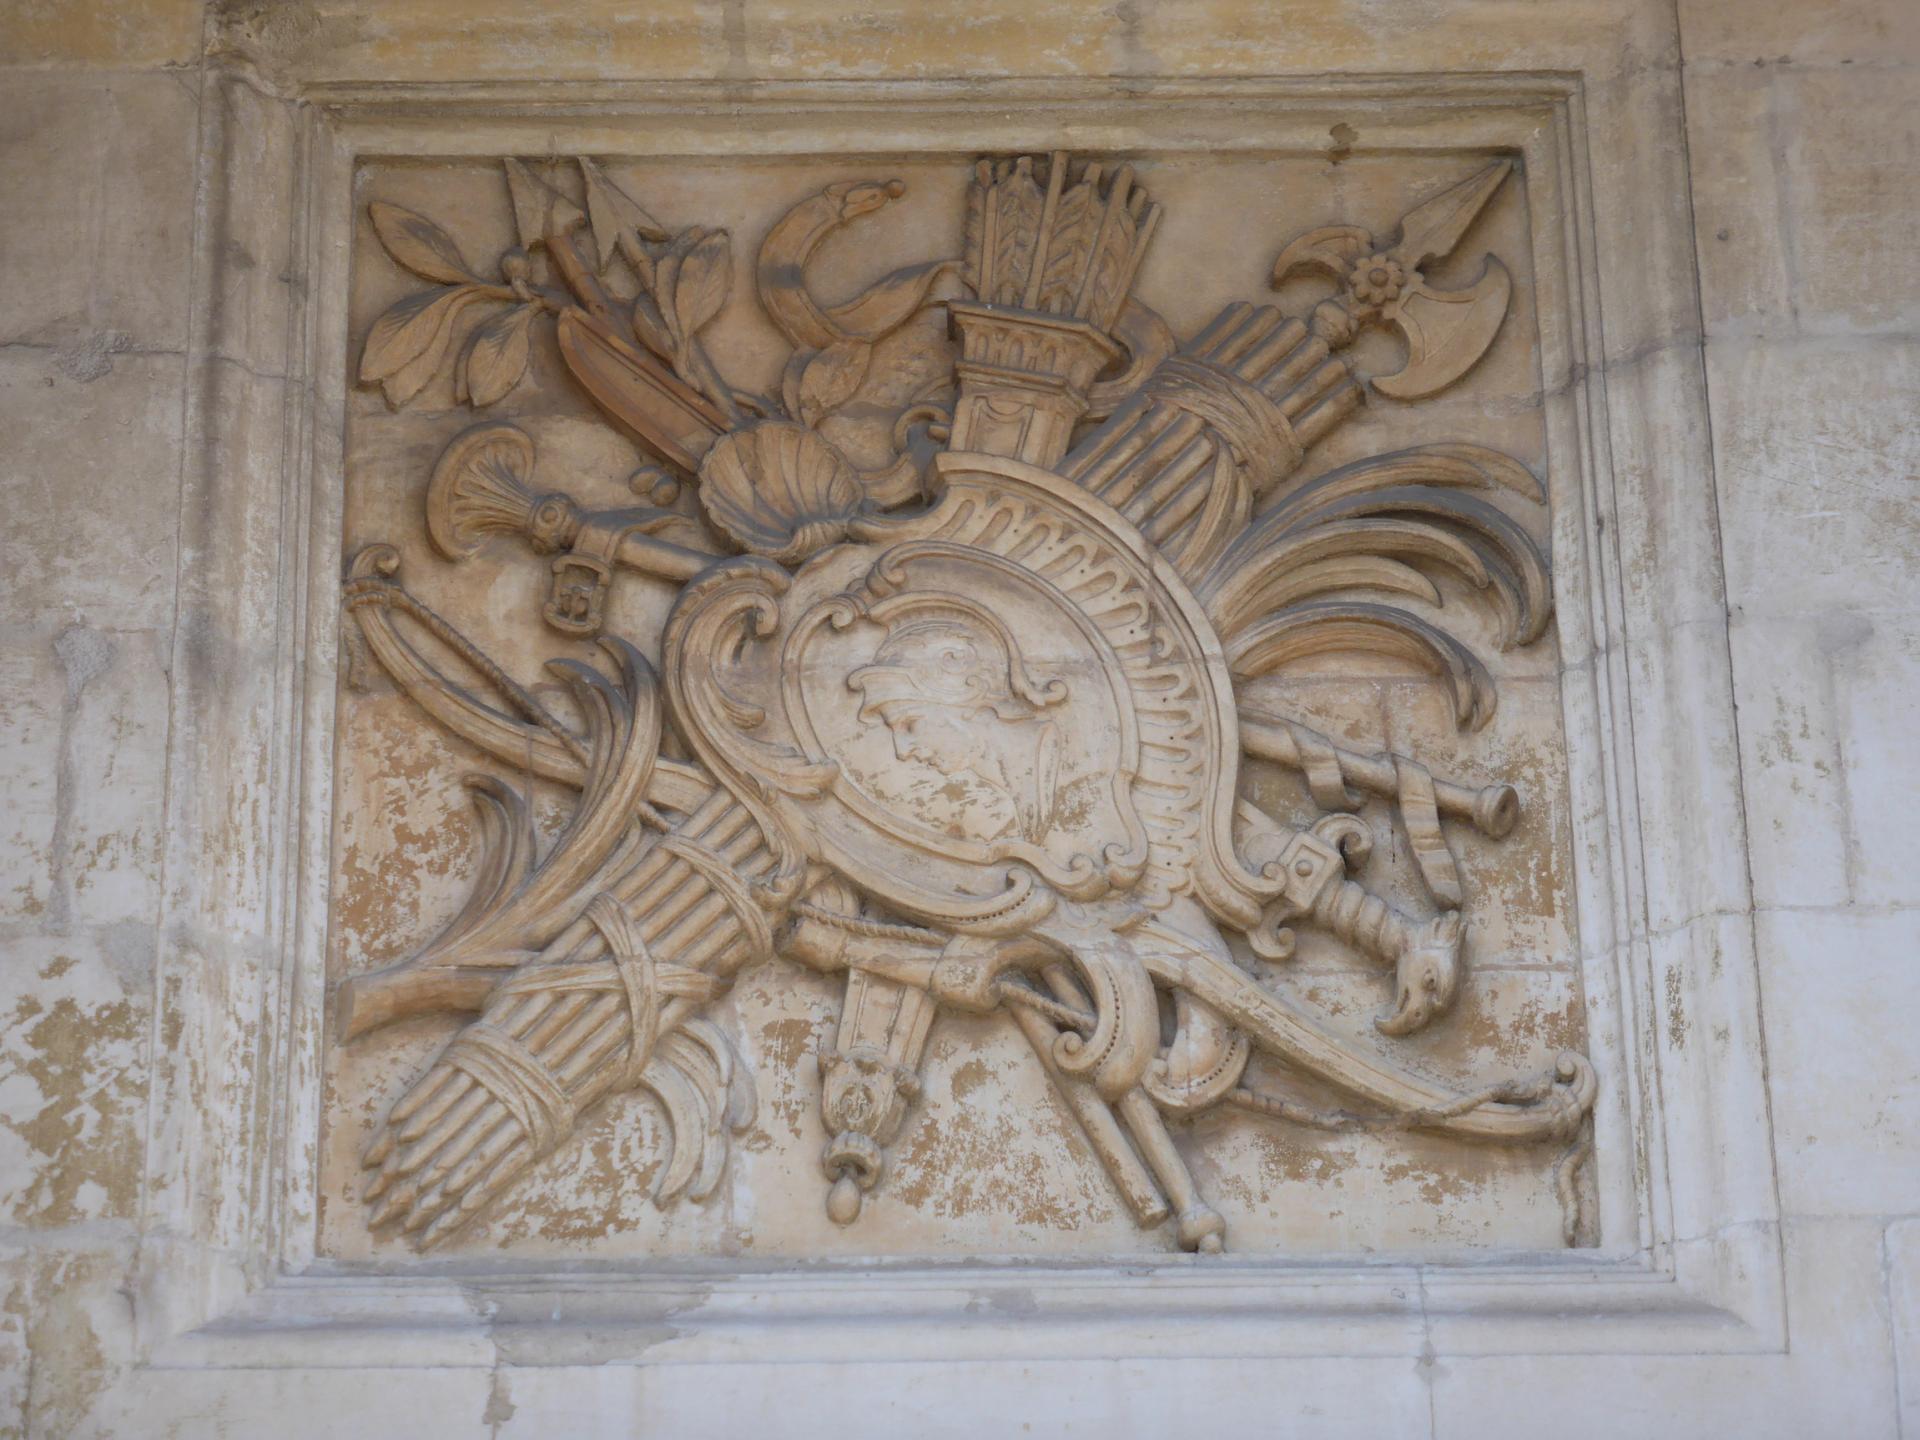 Joseph Hubac, dit l'Ancien : Trophée guerrier avec figure de général romain, vers 1730 (cliché Ph. Cachau)